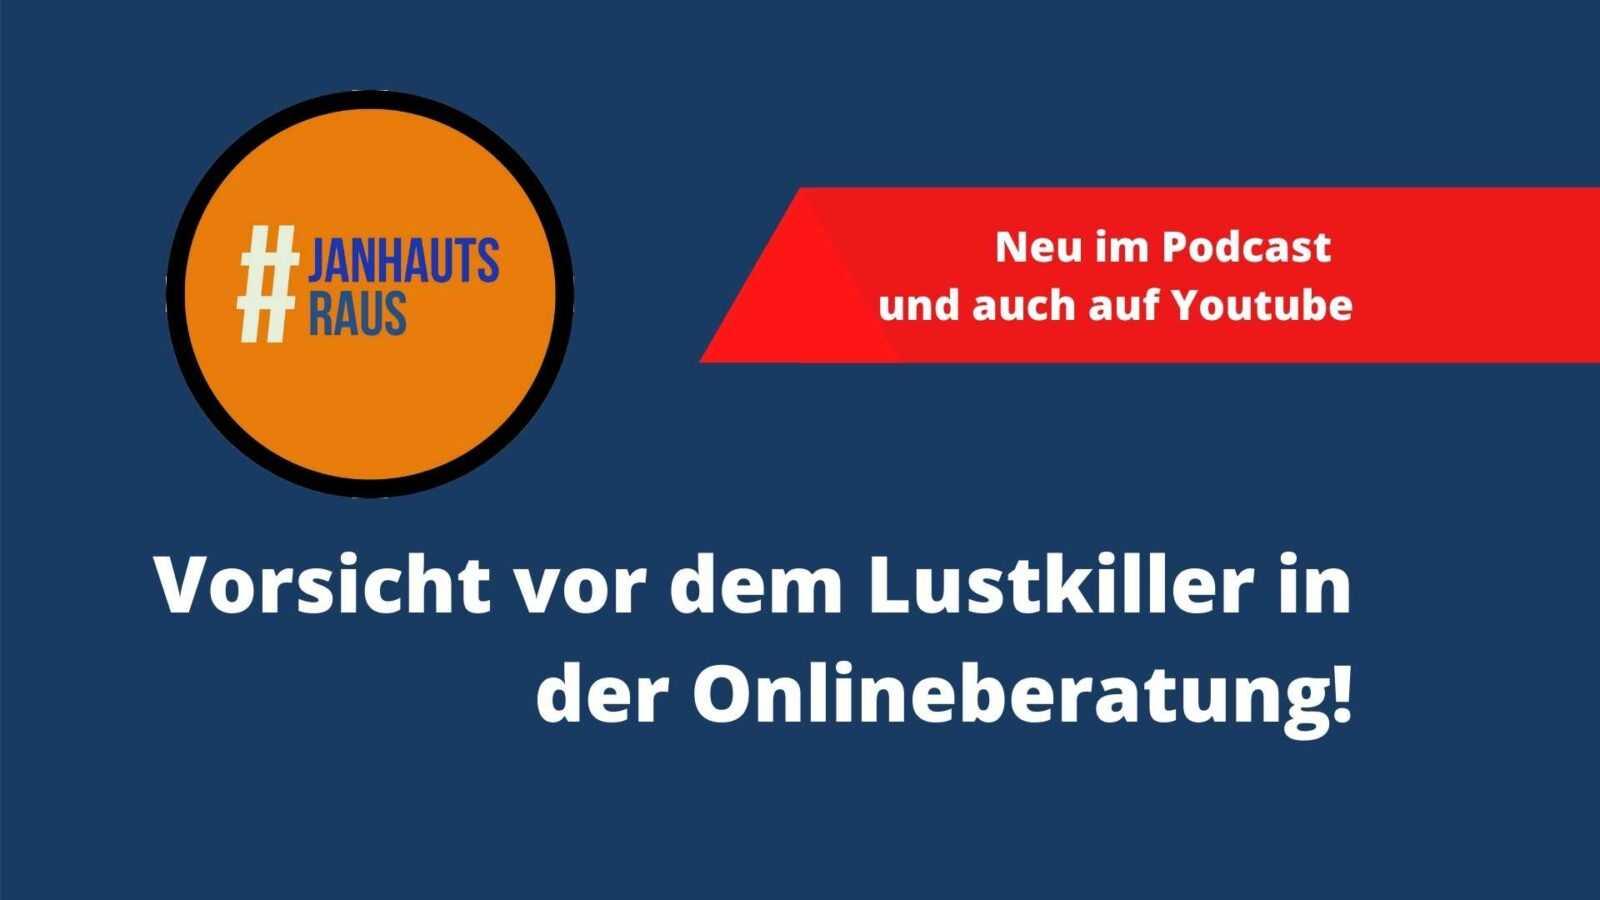 #janhautsraus - Vorsicht vor dem Lustkiller in der Onlineberatung!